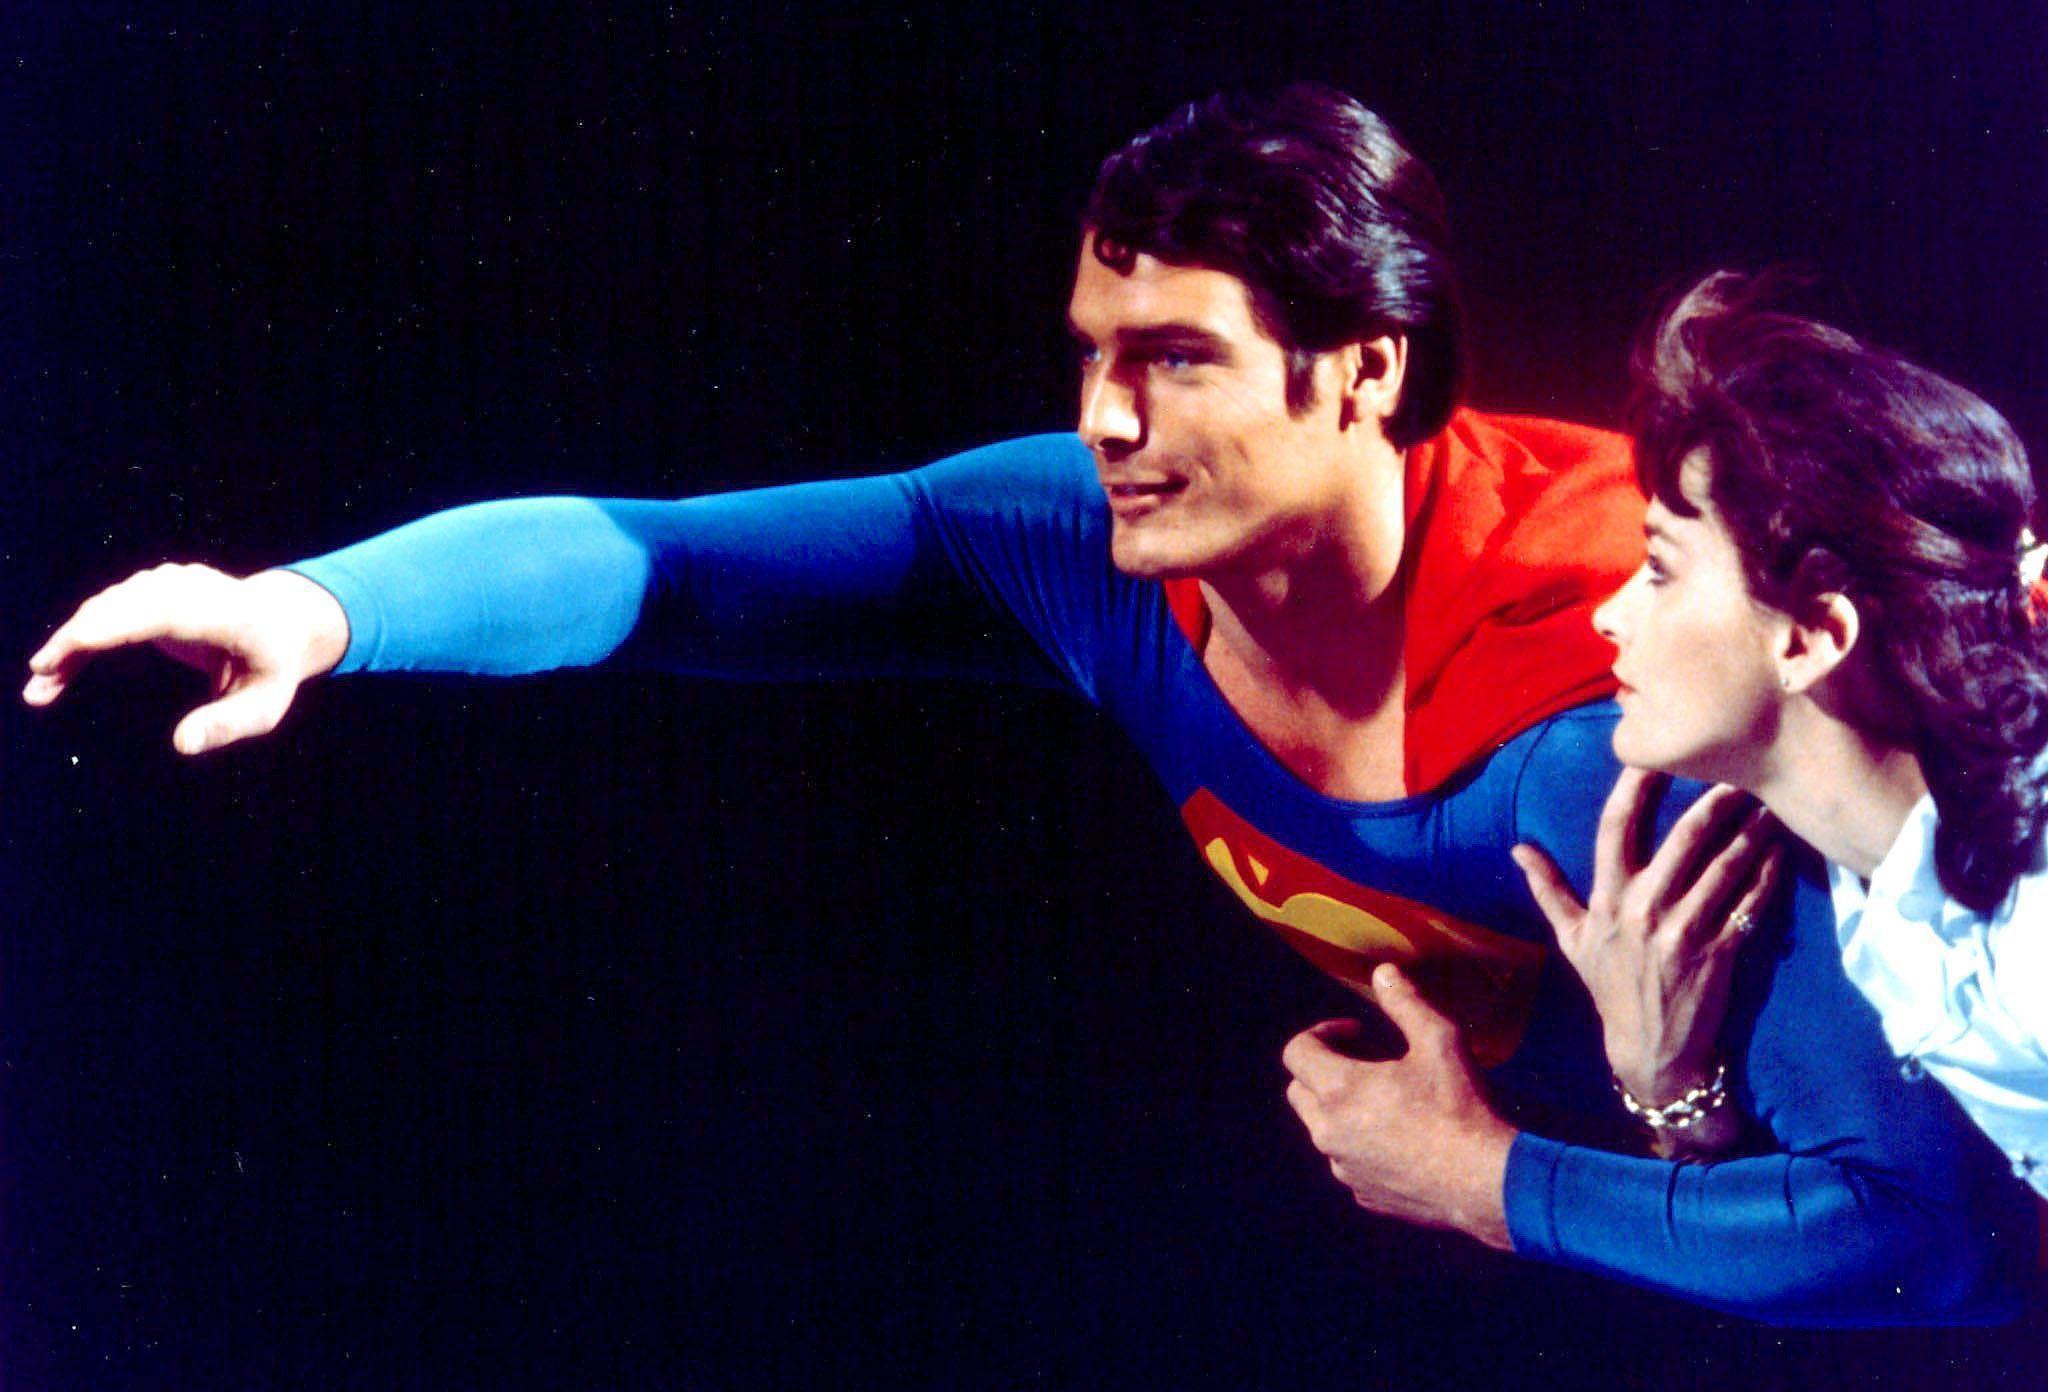 Morta Margot Kidder, la Lois Lane di Superman